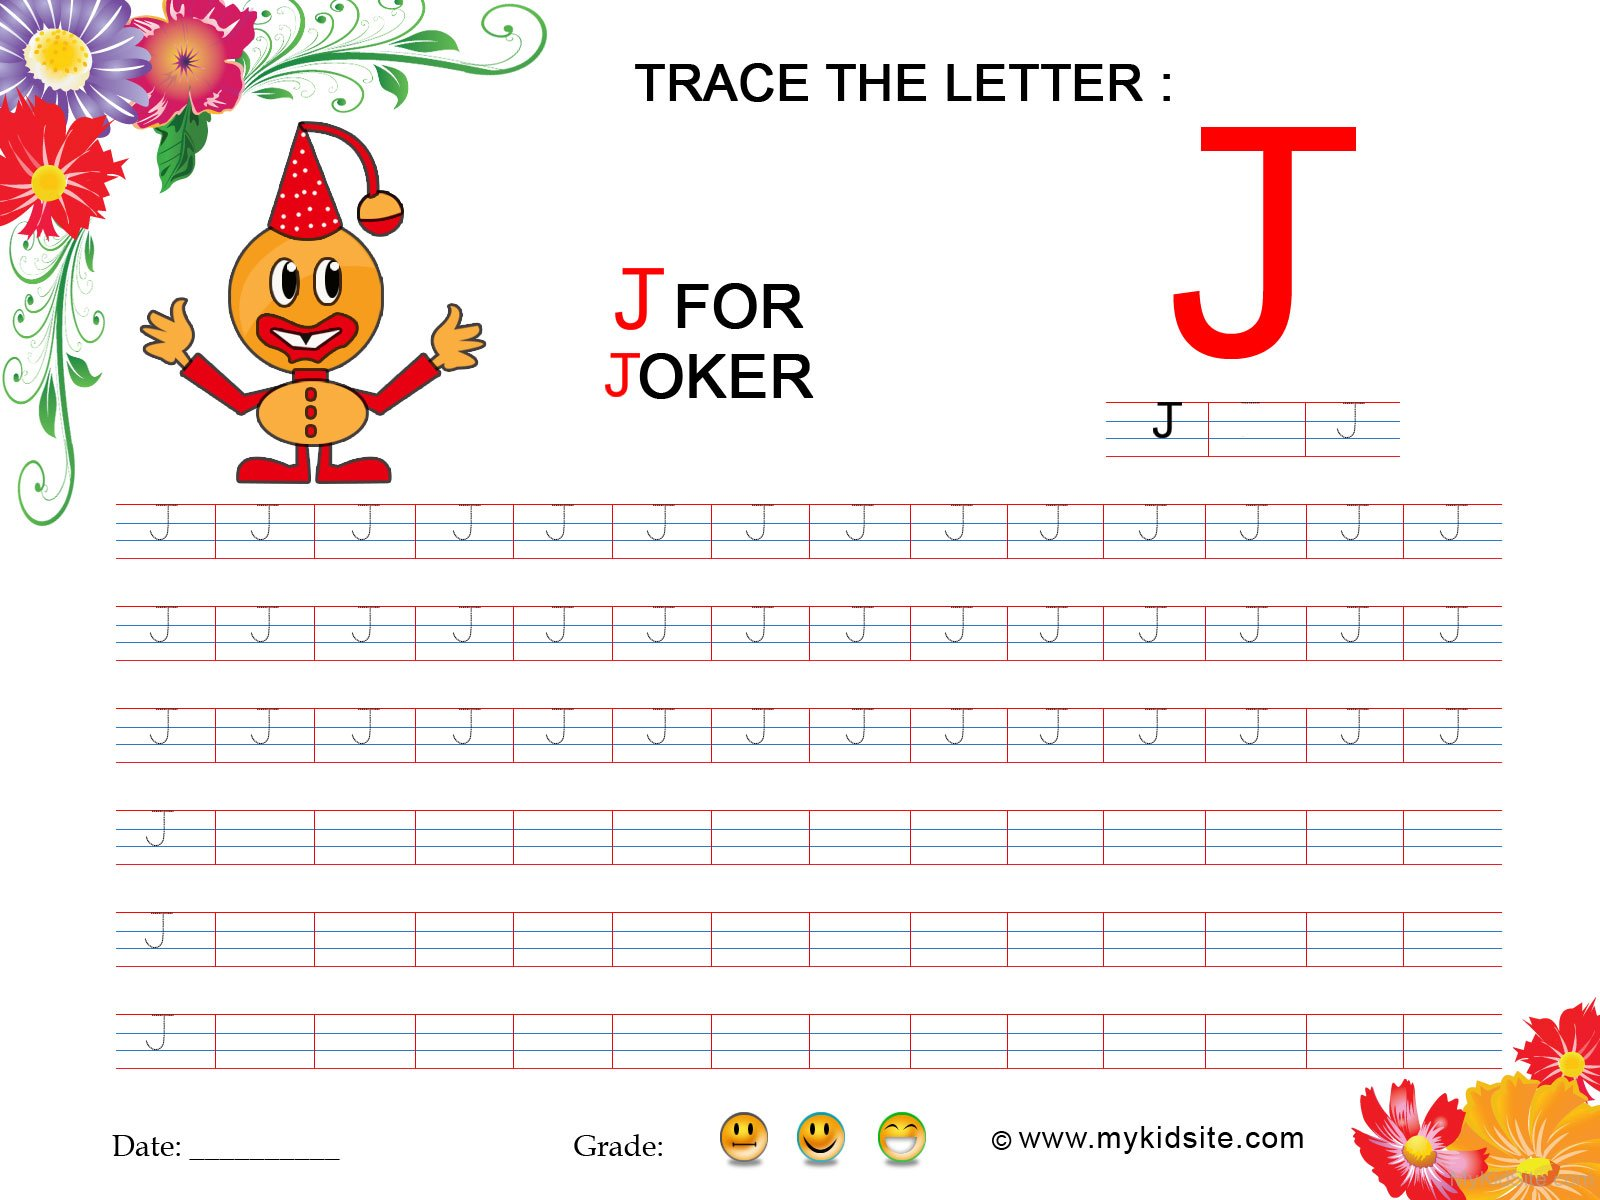 Tracing Worksheet For Letter J